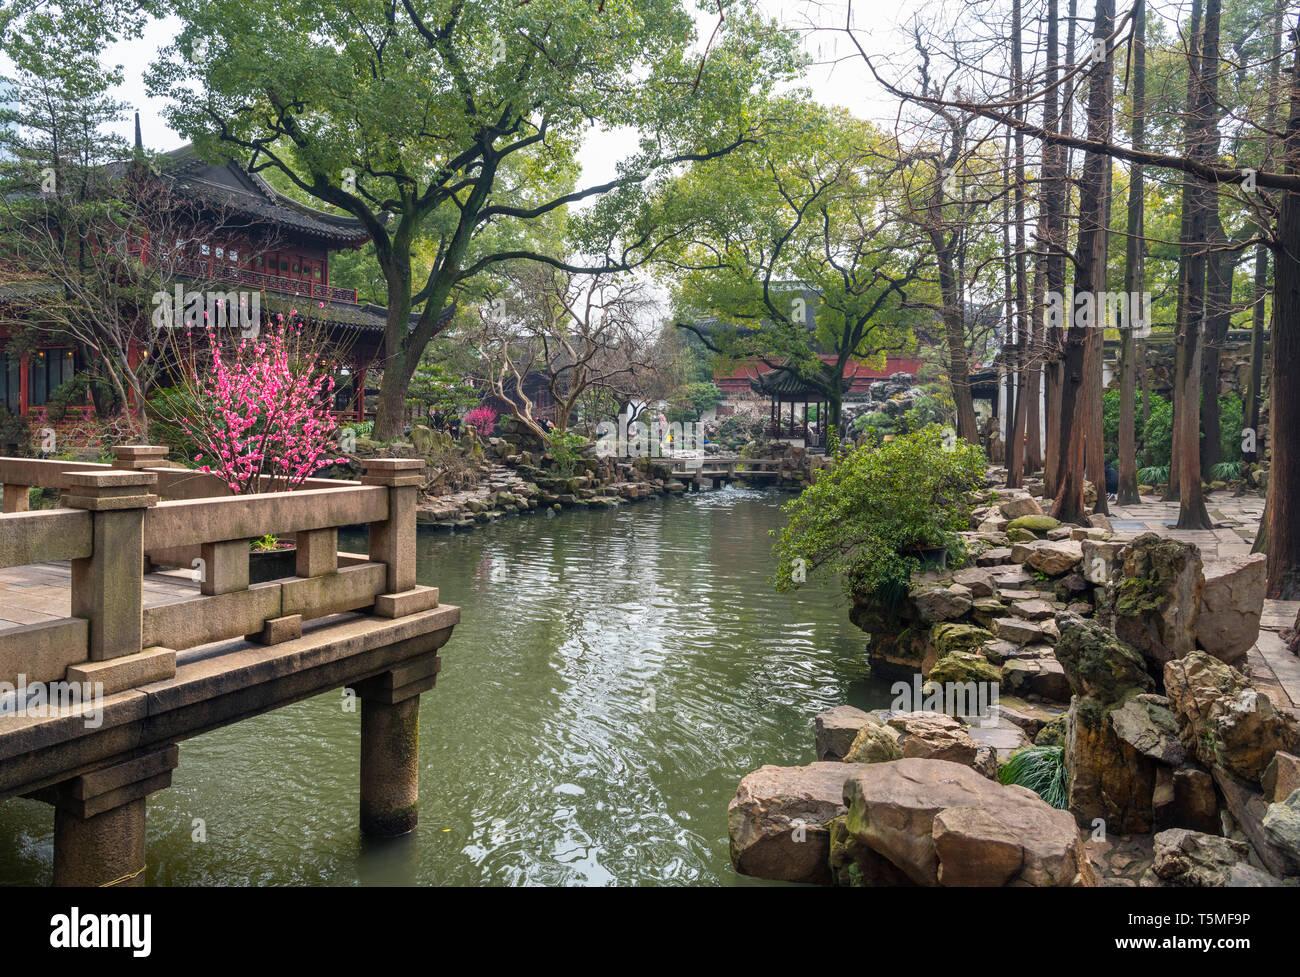 Yuyuan Gardens (also Yu Garden or Yuyuan Garden), Old Town (Nanshi district), Shanghai, China - Stock Image